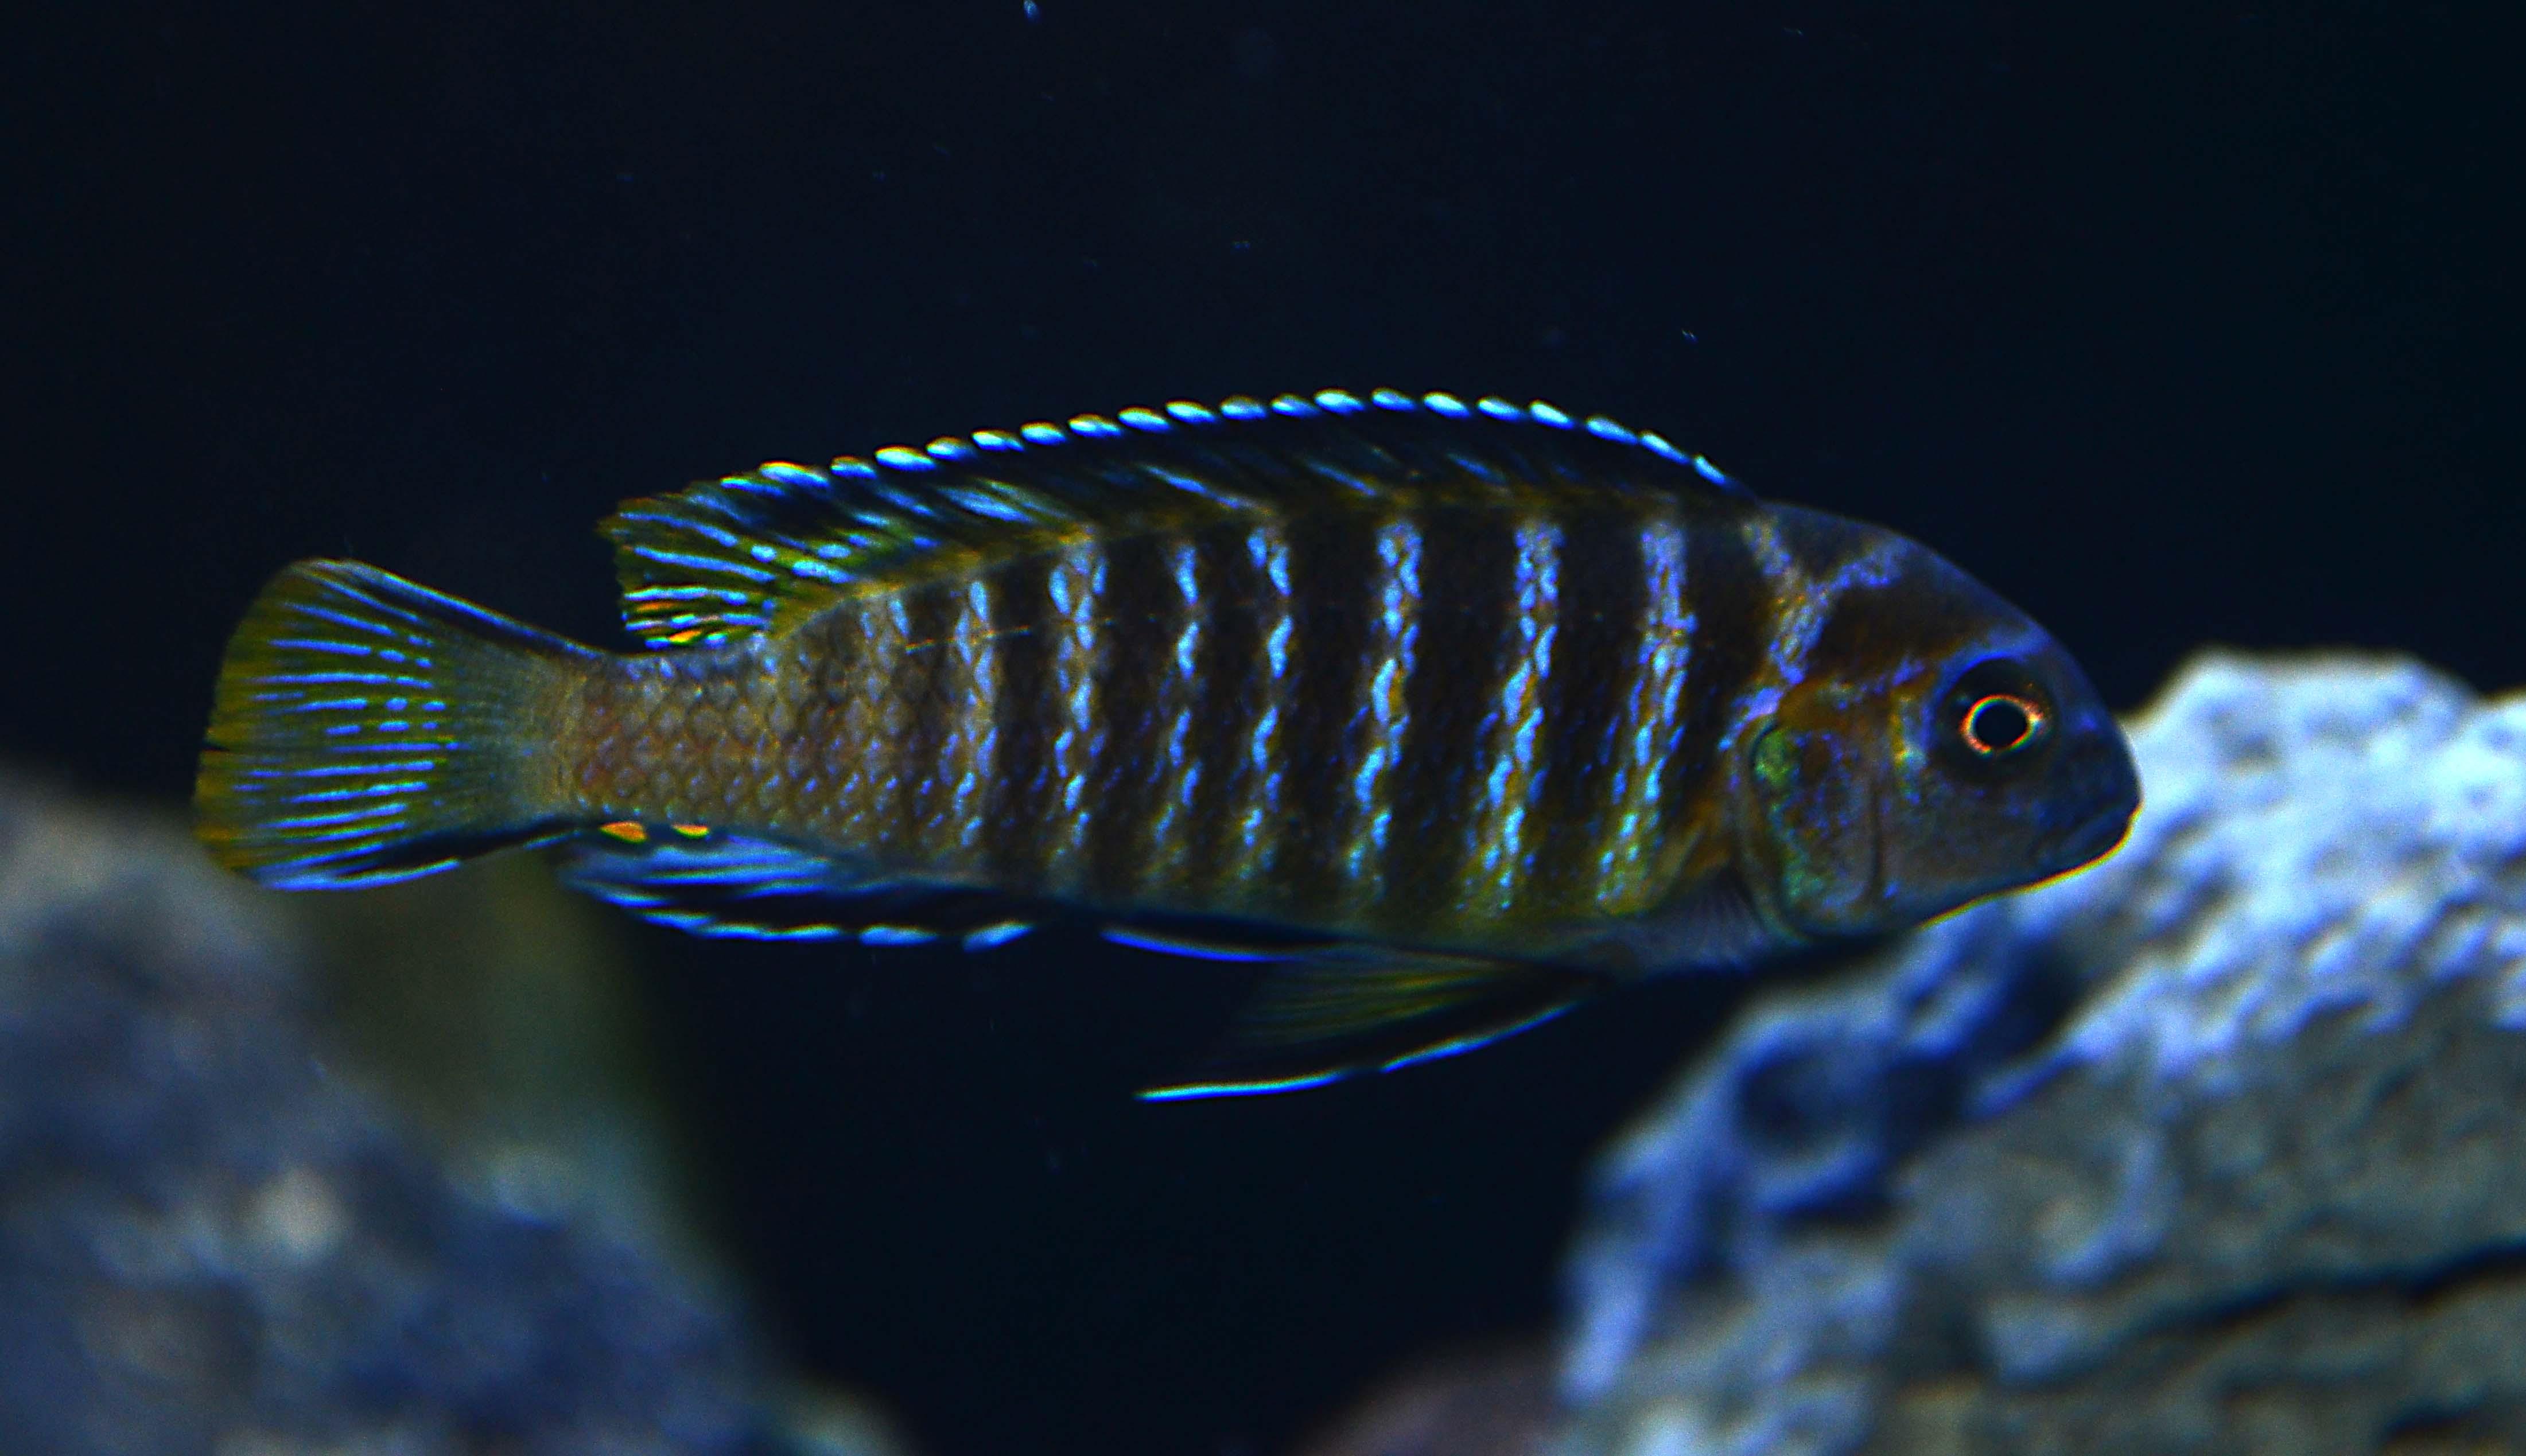 Rearing larvae of pseudotropheus fridmani